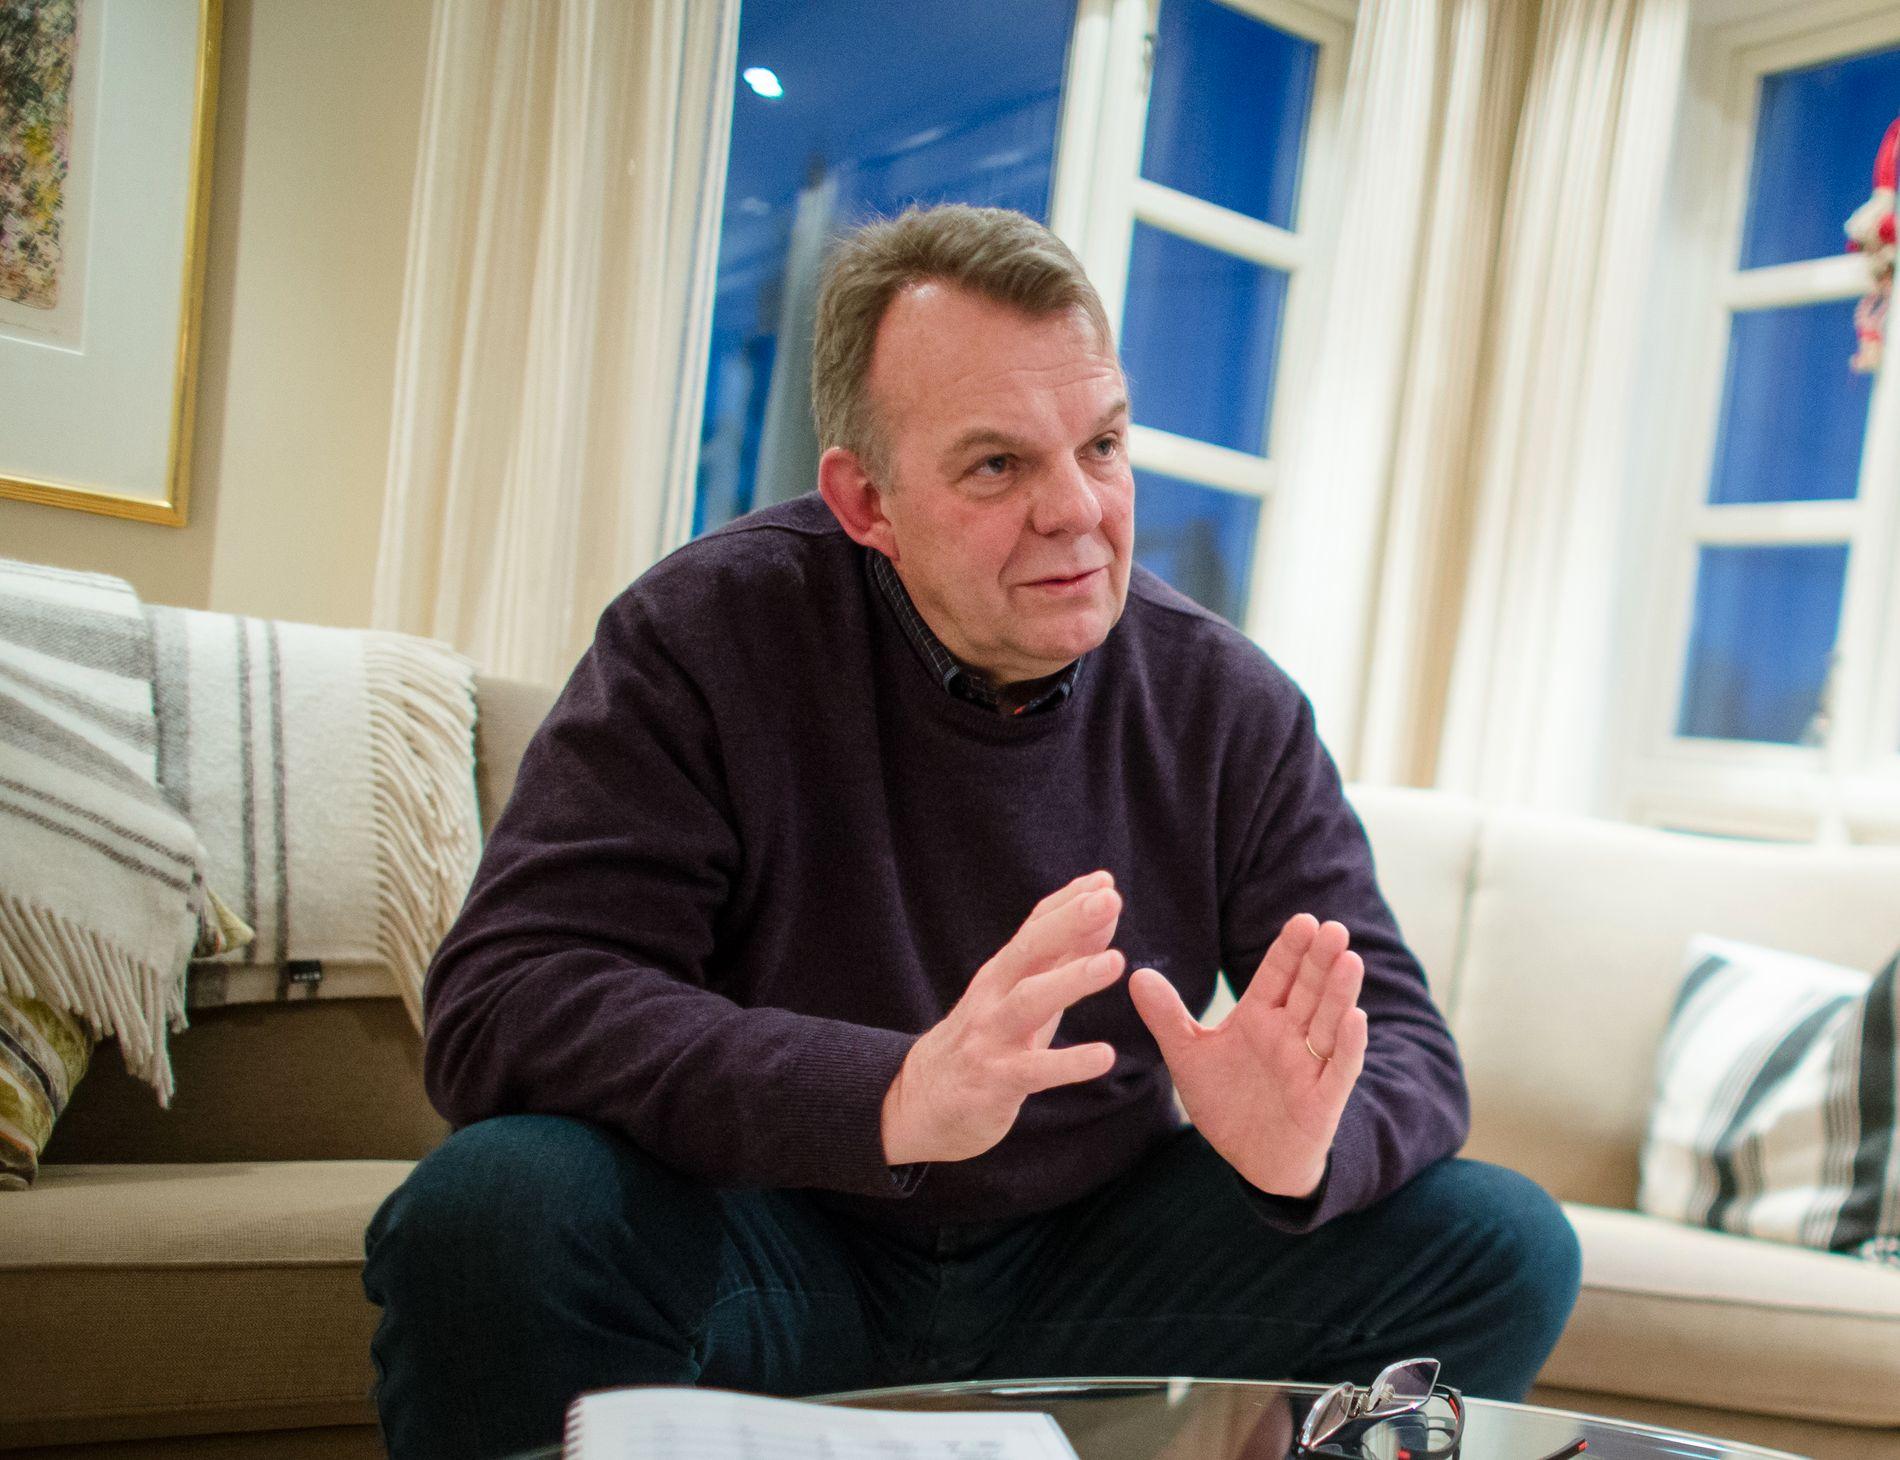 Styreleder og gründer i Freyr Torstein Dale Sjøtveit. Foto: Audun Braastad / NTB scanpix